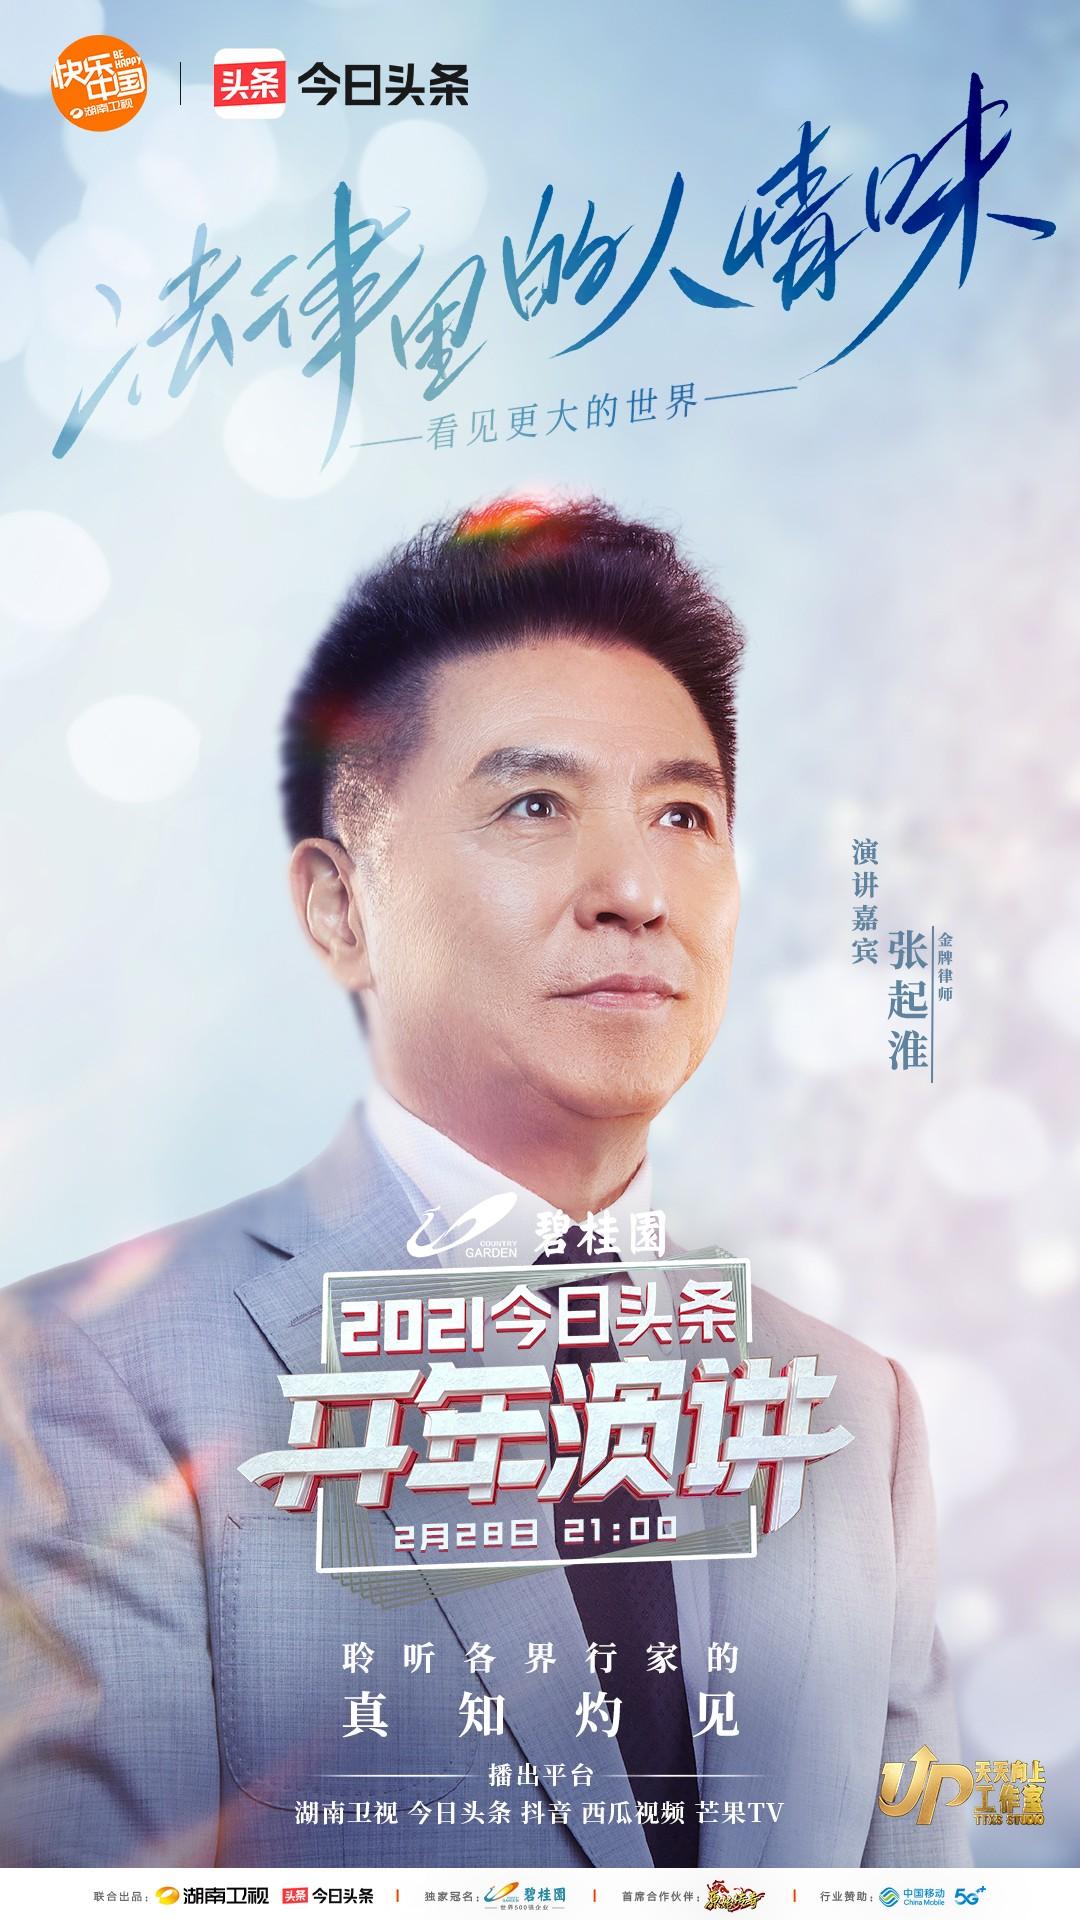 张起淮-头条+快乐logo.jpg